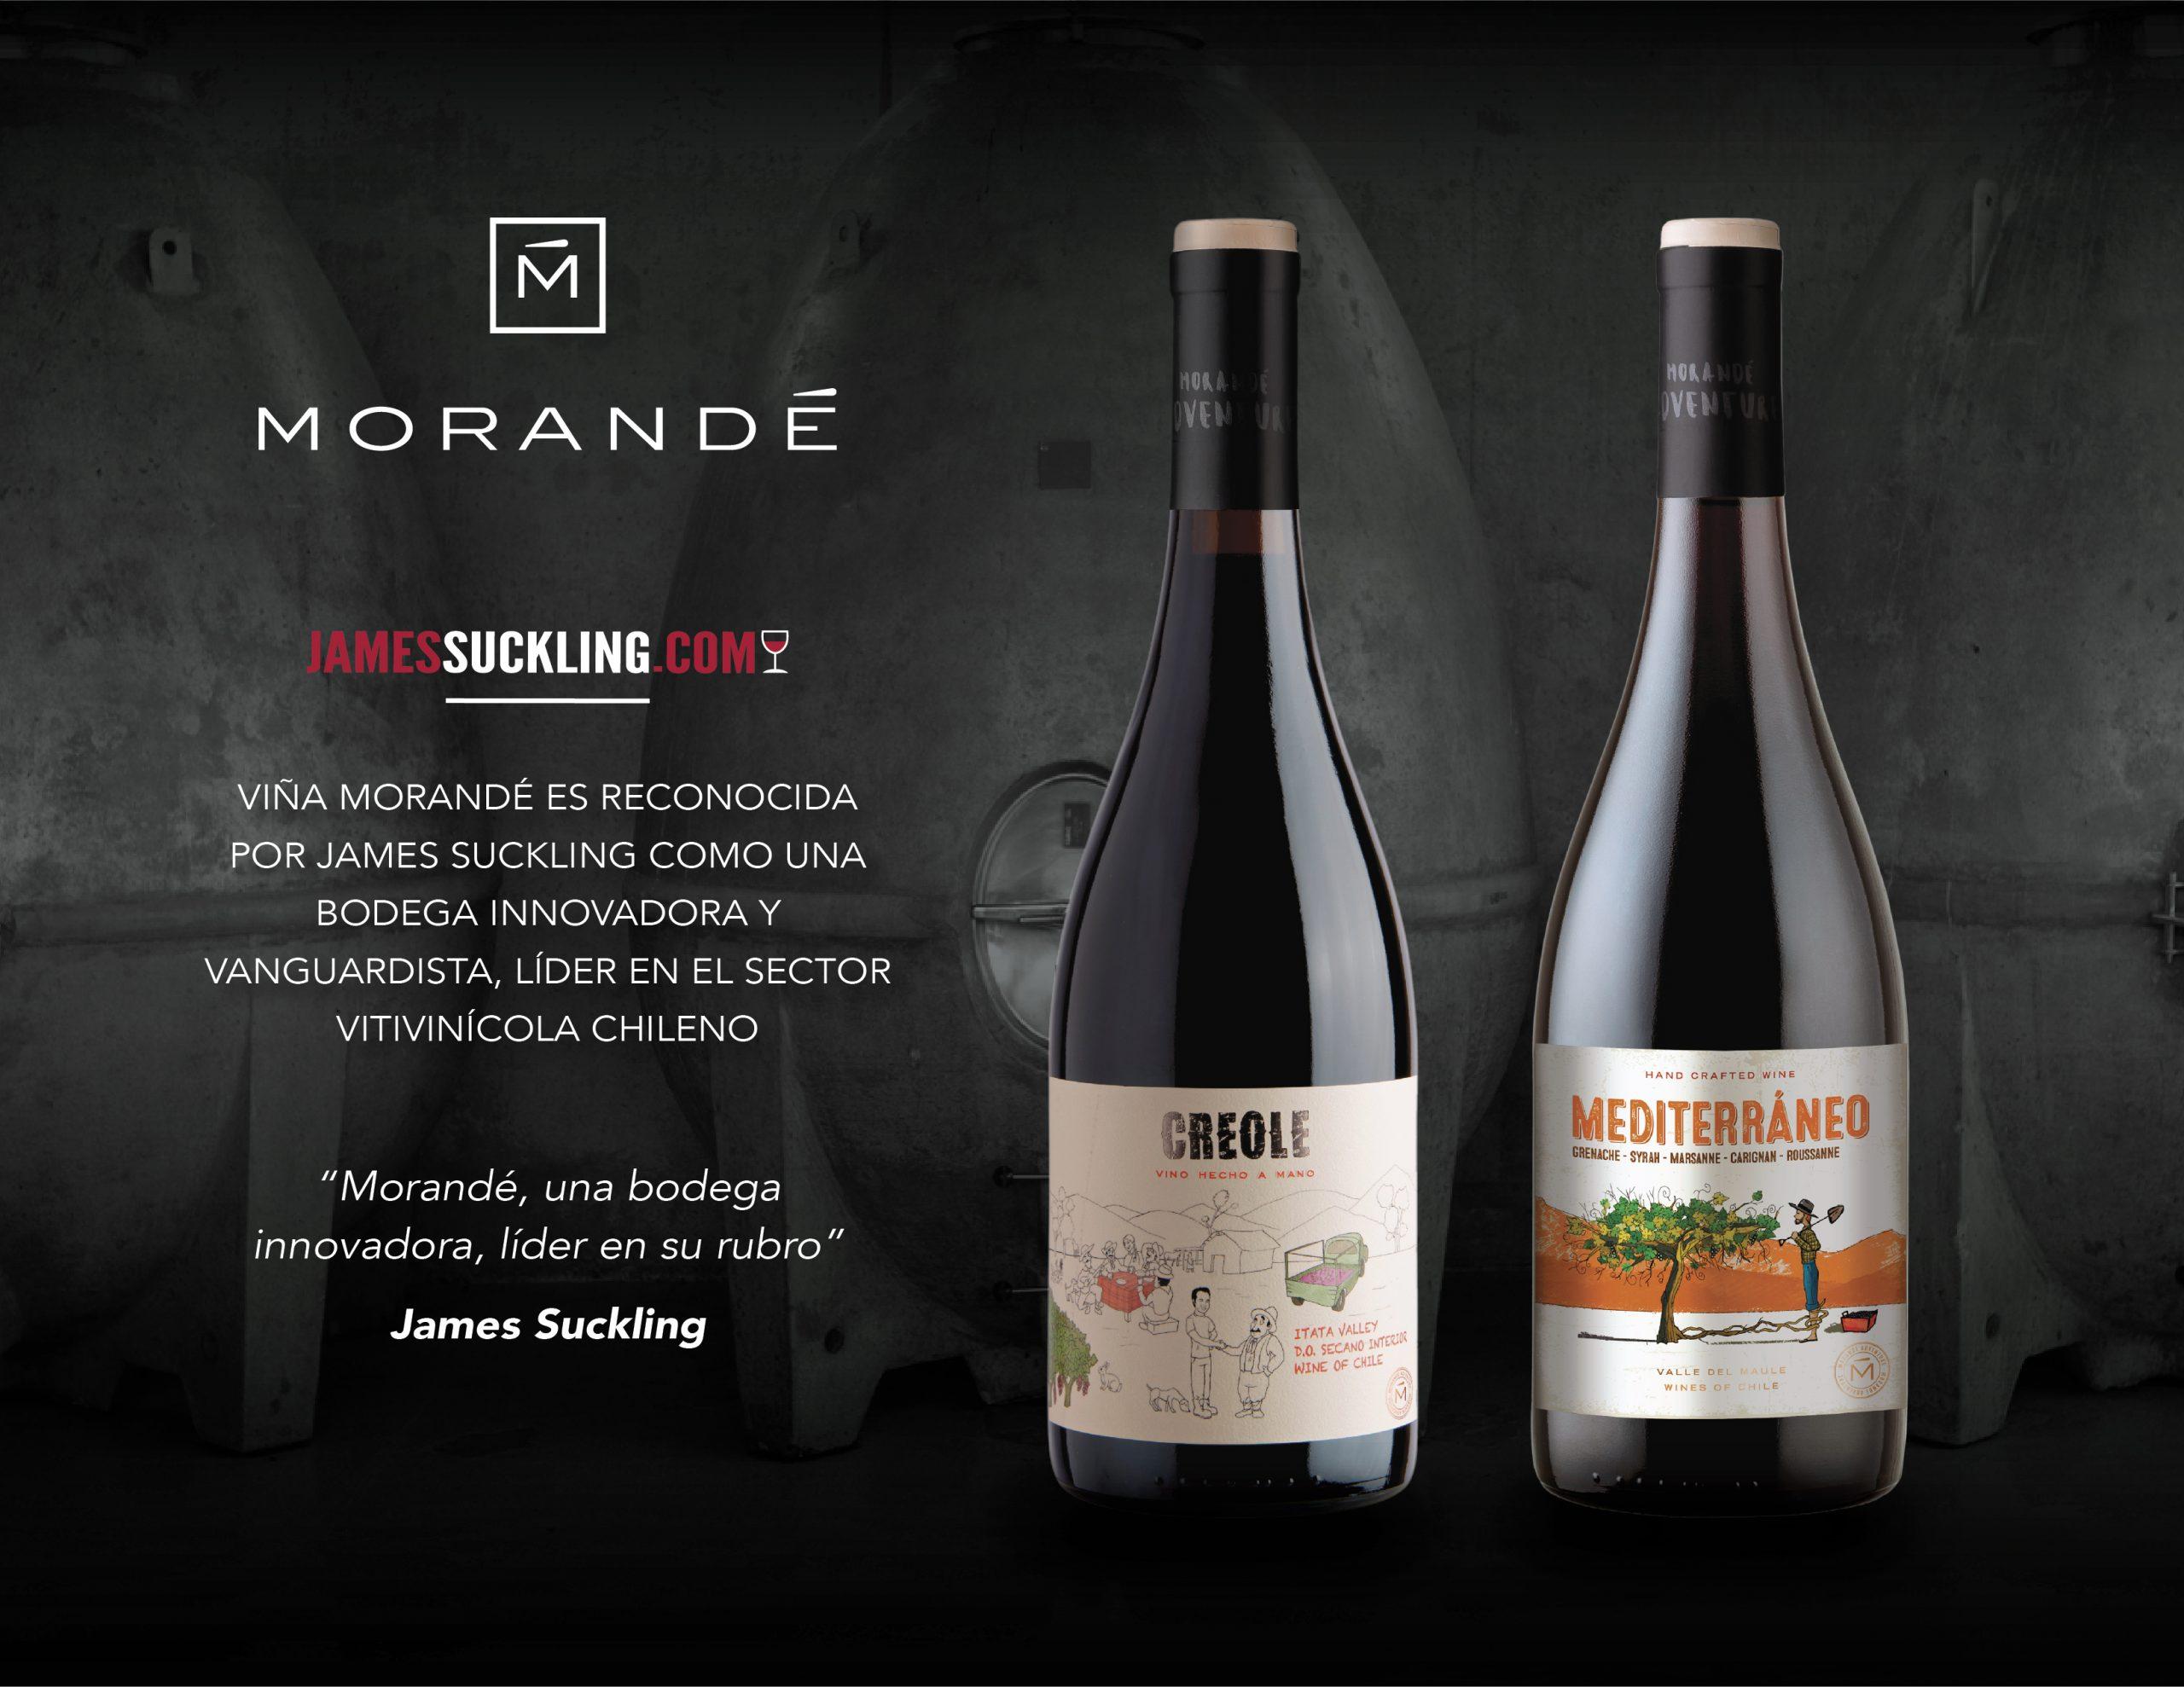 Viña Morandé es reconocida por James Suckling como una bodega innovadora y vanguardista, líder en el sector vitivinícola chileno